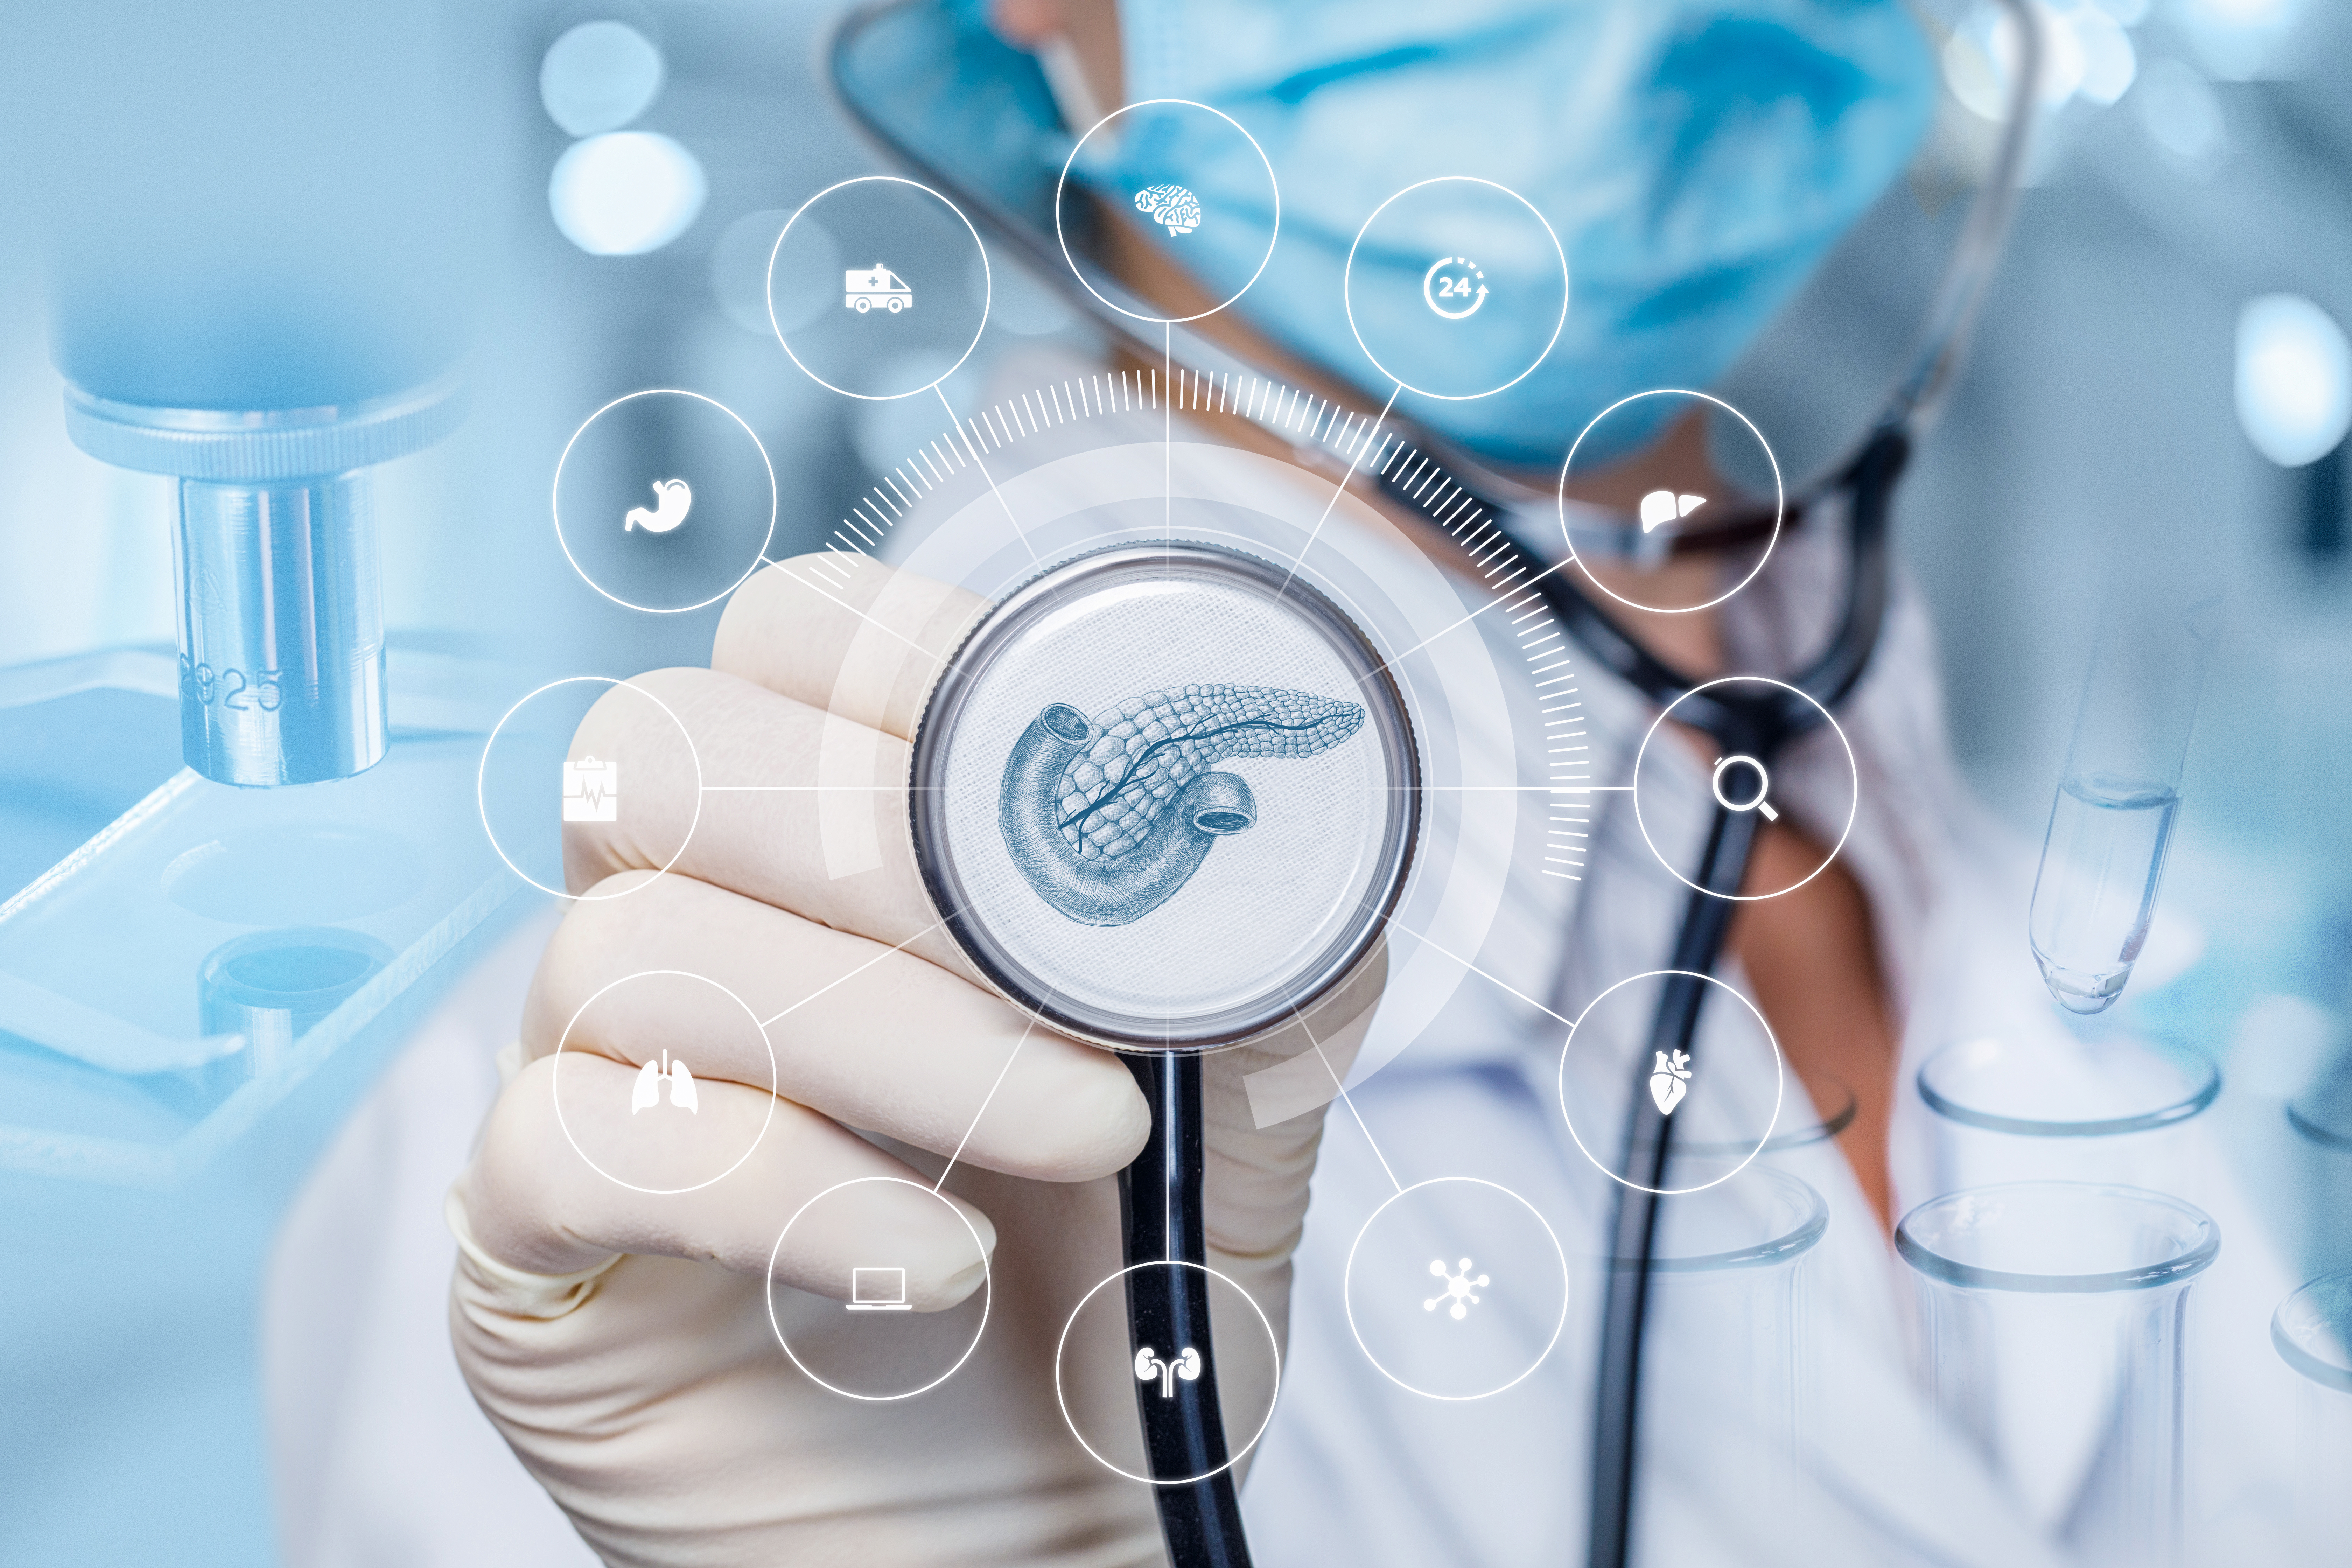 Ce nouvel anticorps monoclonal expérimental, l'evinacumab montre sa capacité à réduire les triglycérides chez les patients atteints d'hypertriglycéridémie sévère et ayant des antécédents d'hospitalisation pour pancréatite aiguë (Visuel Adobe Stock 281104038)